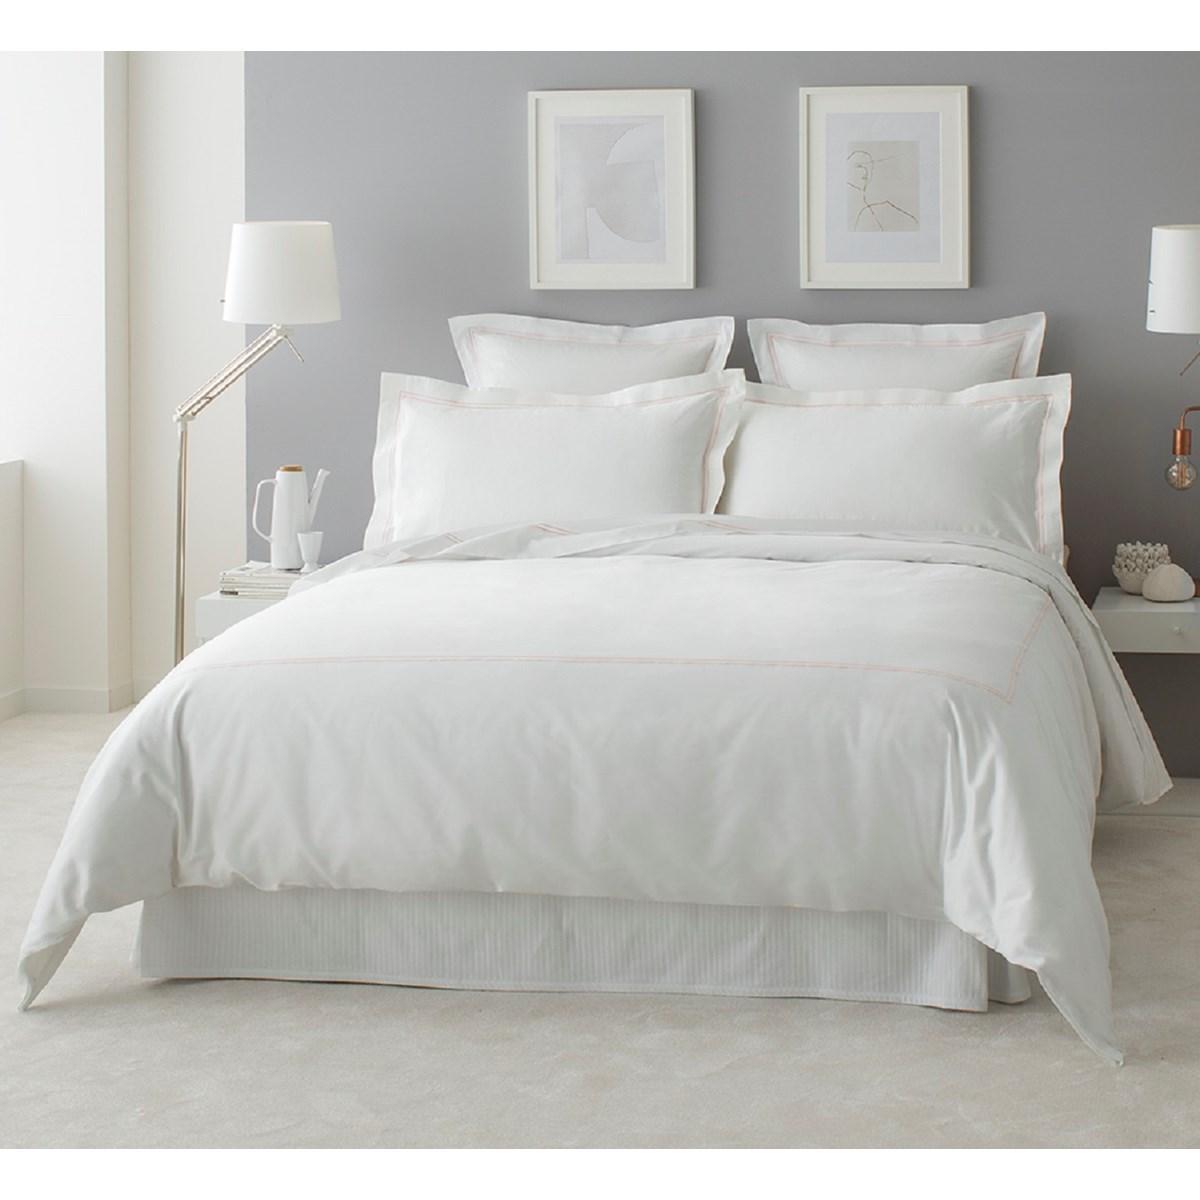 Drap plat luxe en Satin de coton Rose pâle 240x310 cm